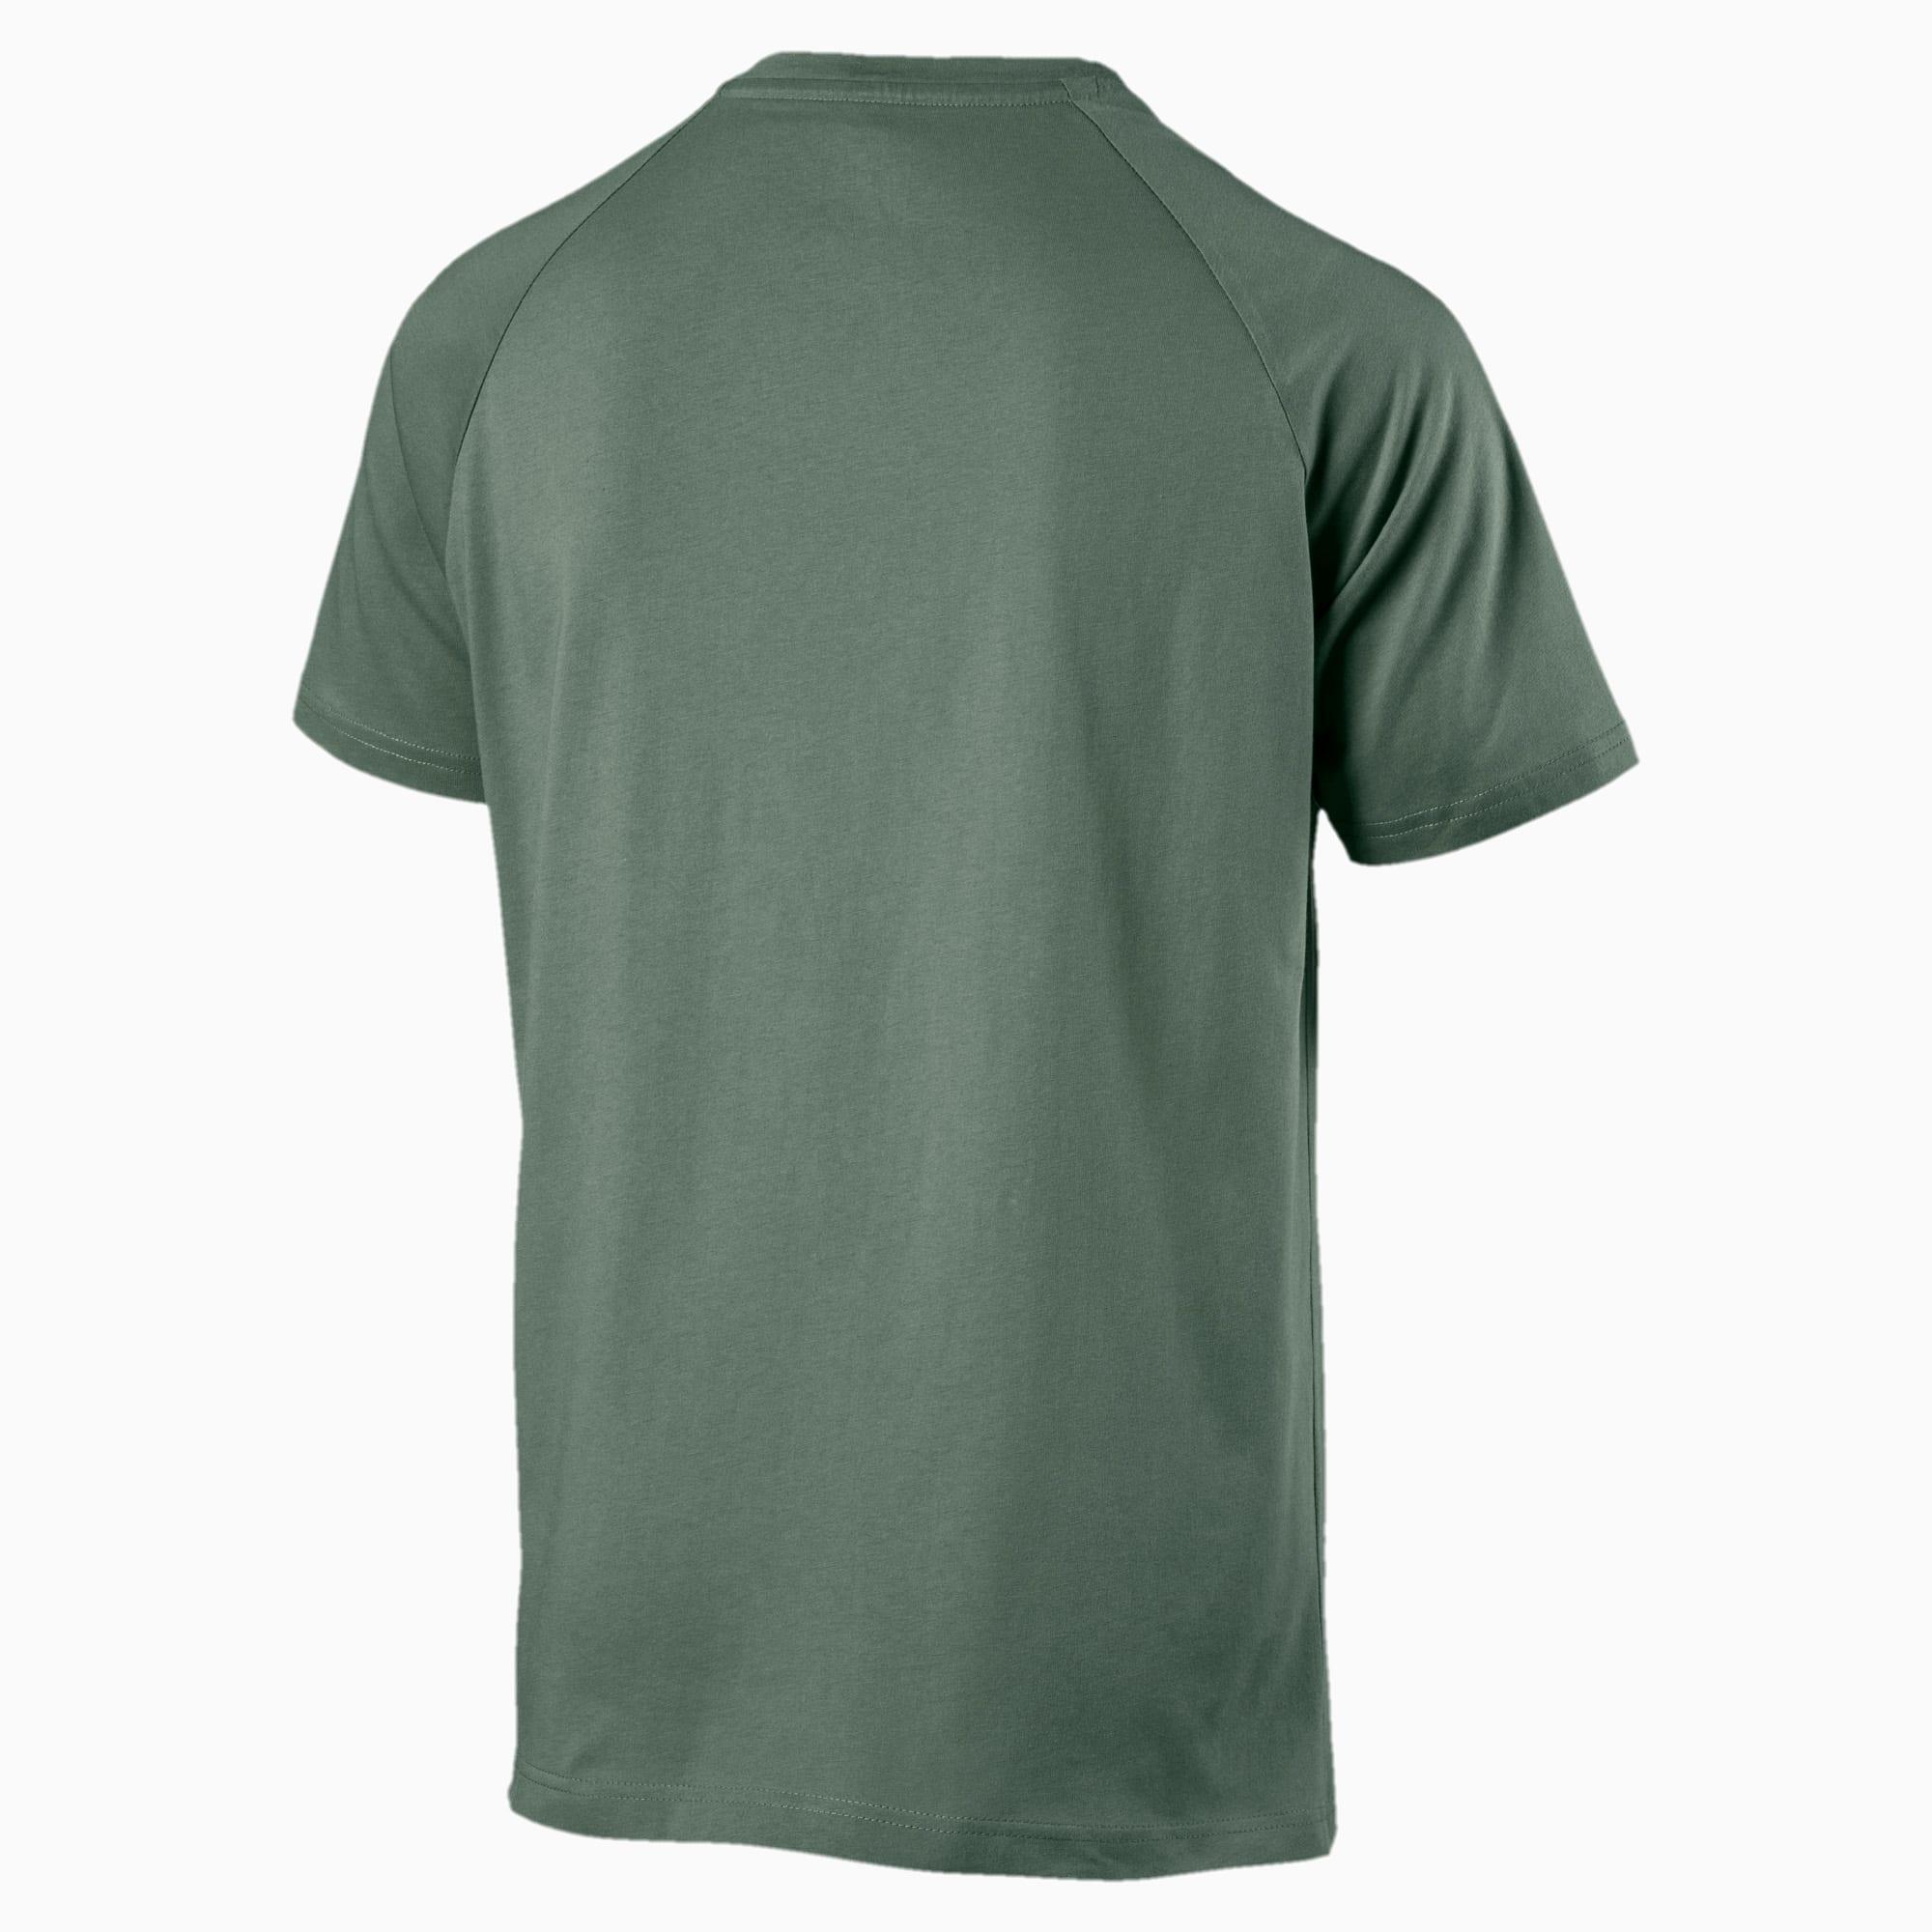 Koszulka męska z logo MERCEDES AMG PETRONAS